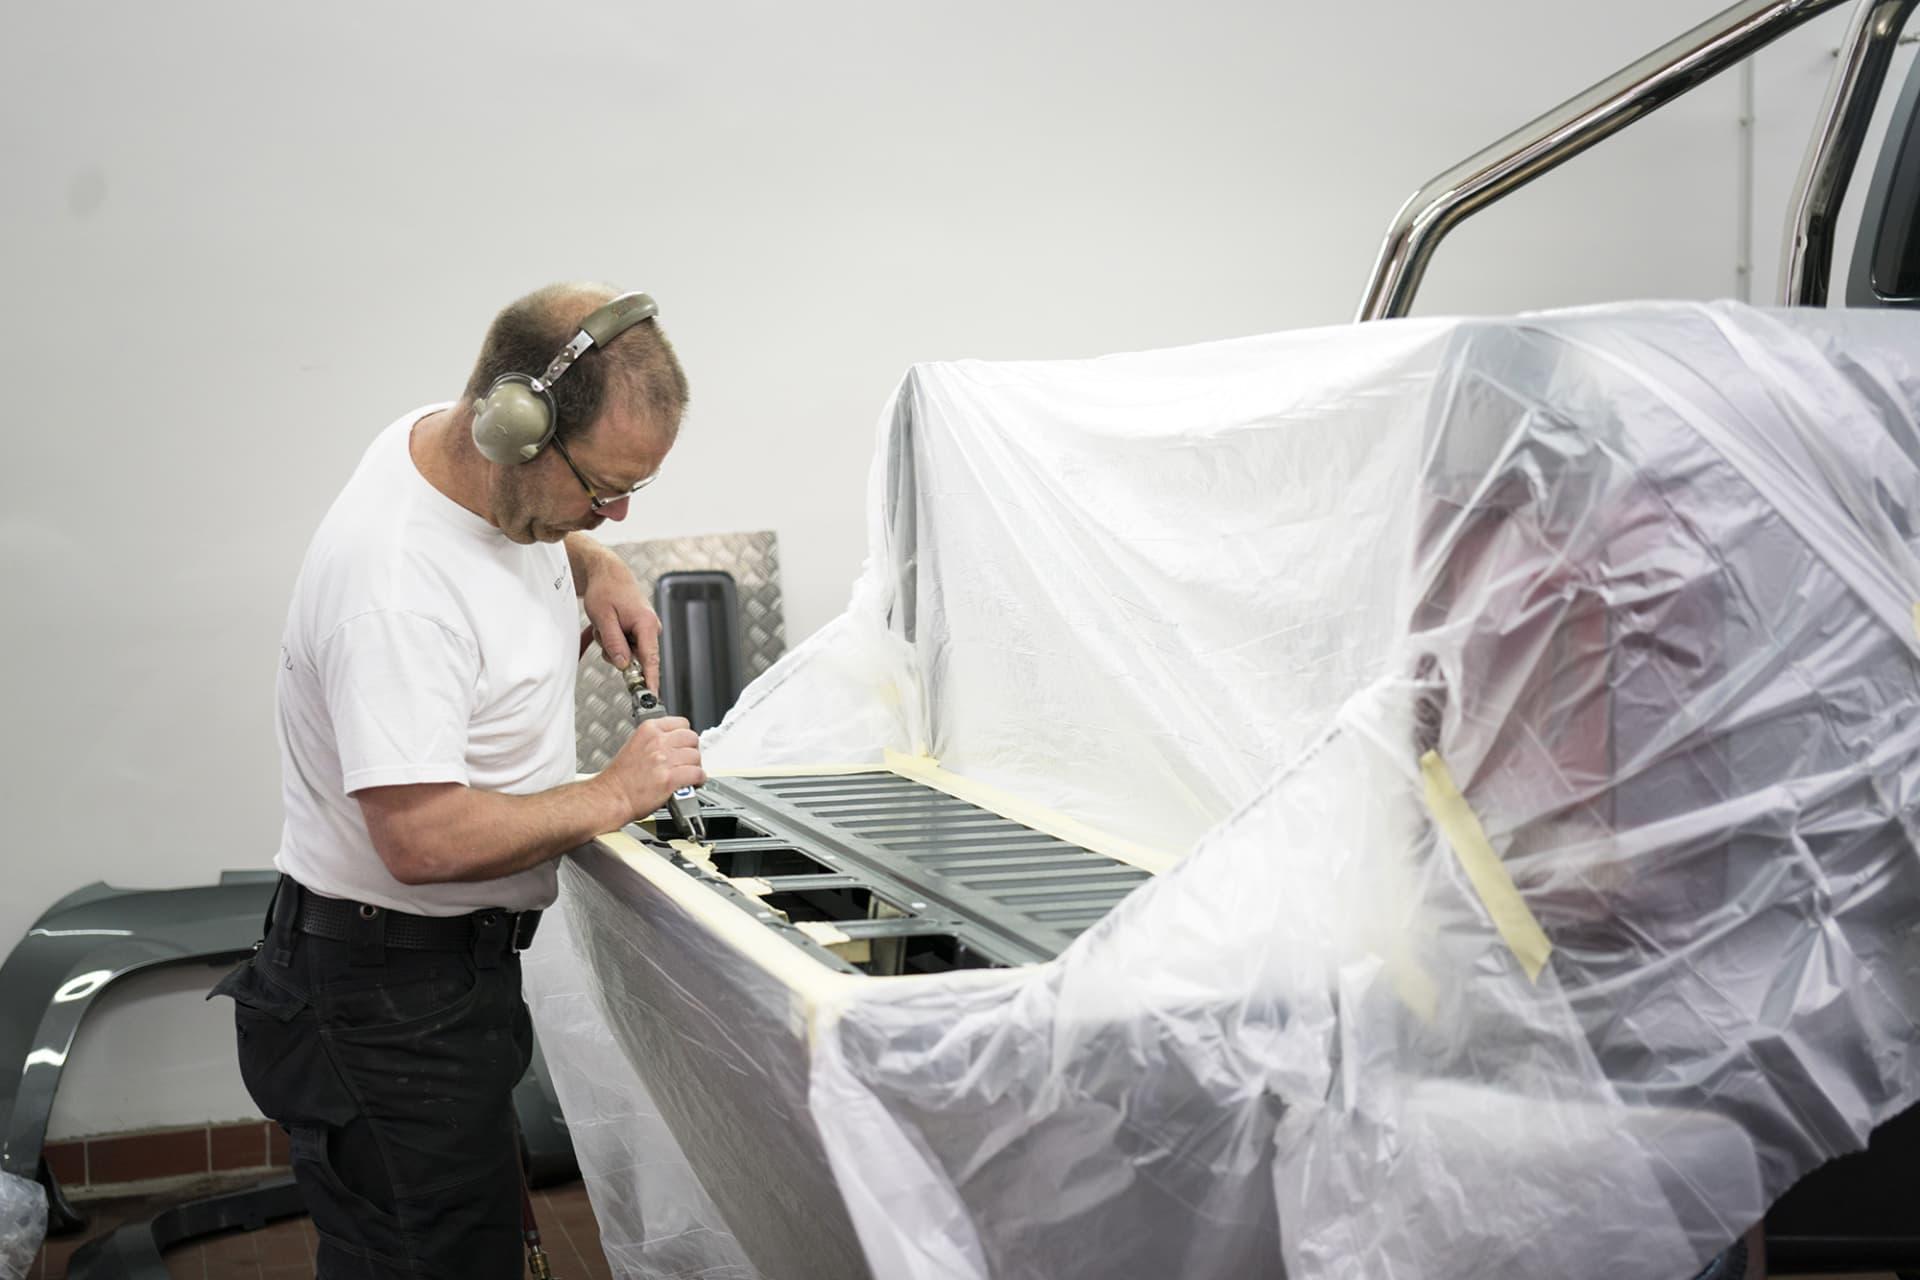 Samtidigt som Delta 4x4 byggde om bilen modifierade Thomas från Black Sheep Innovation luckan till flaket för deras insats som gör att man får förvaringsfack i luckan.